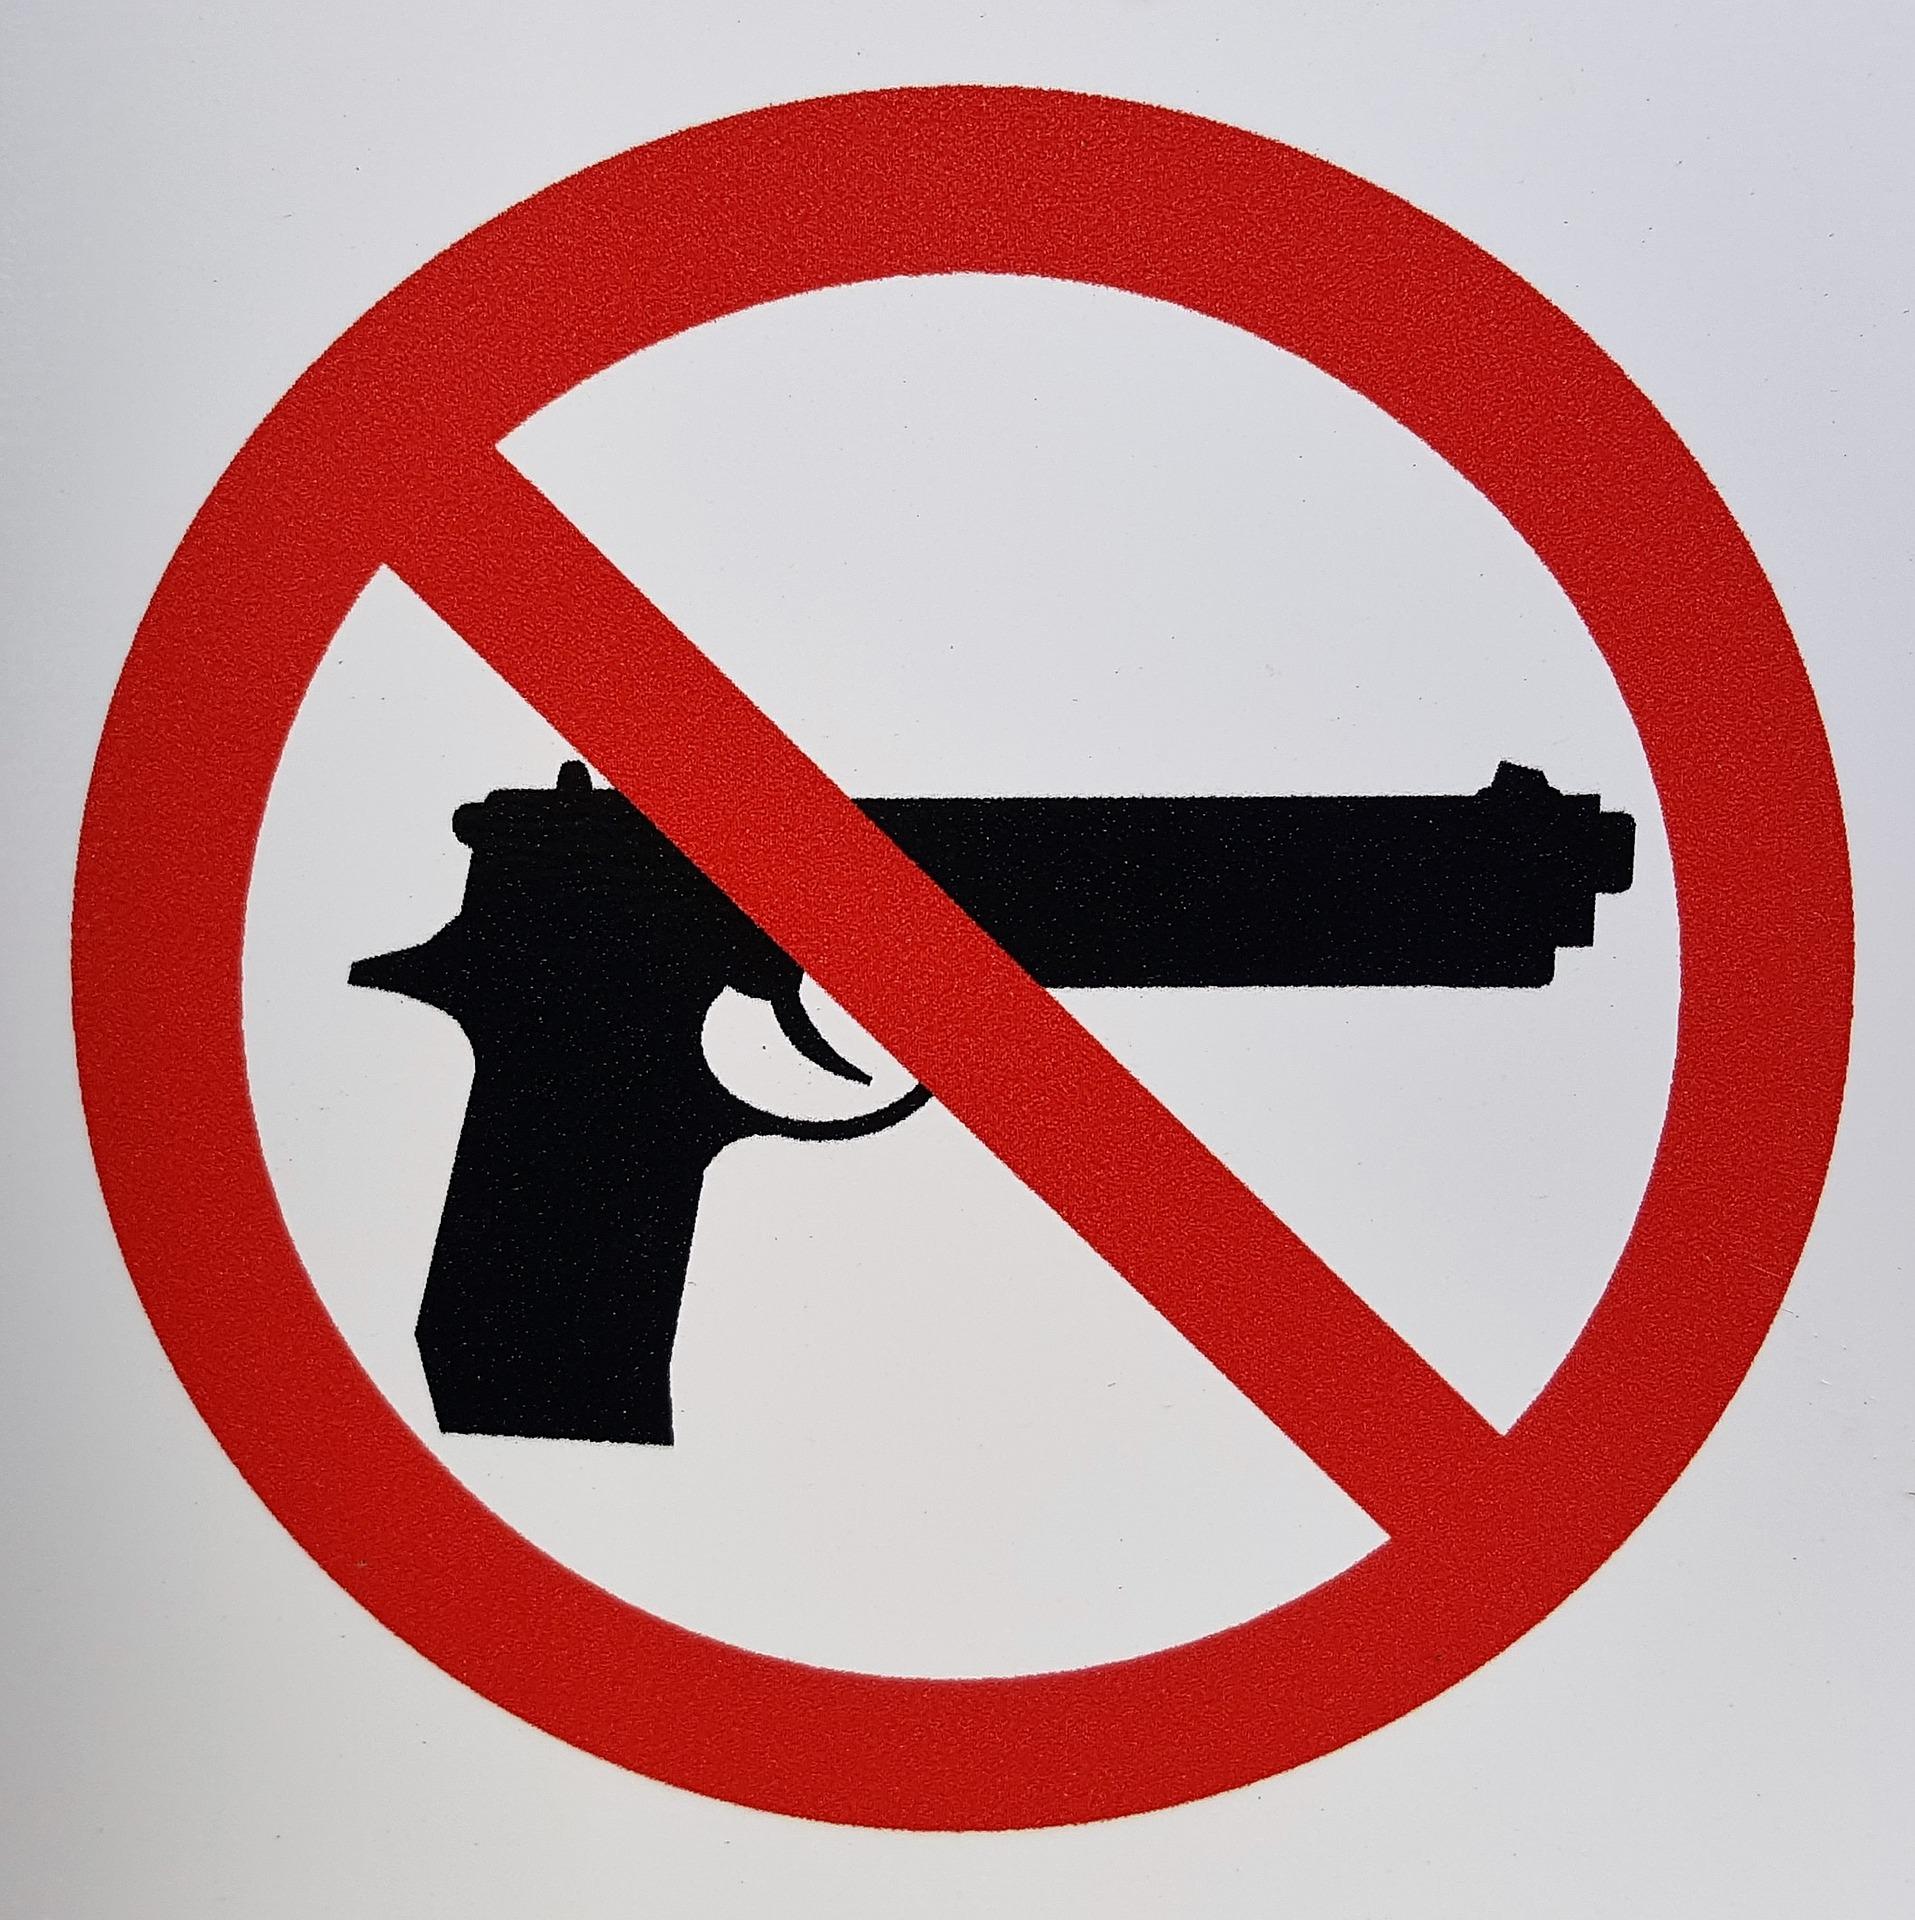 拳銃を買うことにより自殺リスクが増える、という因果関係はかなり固い